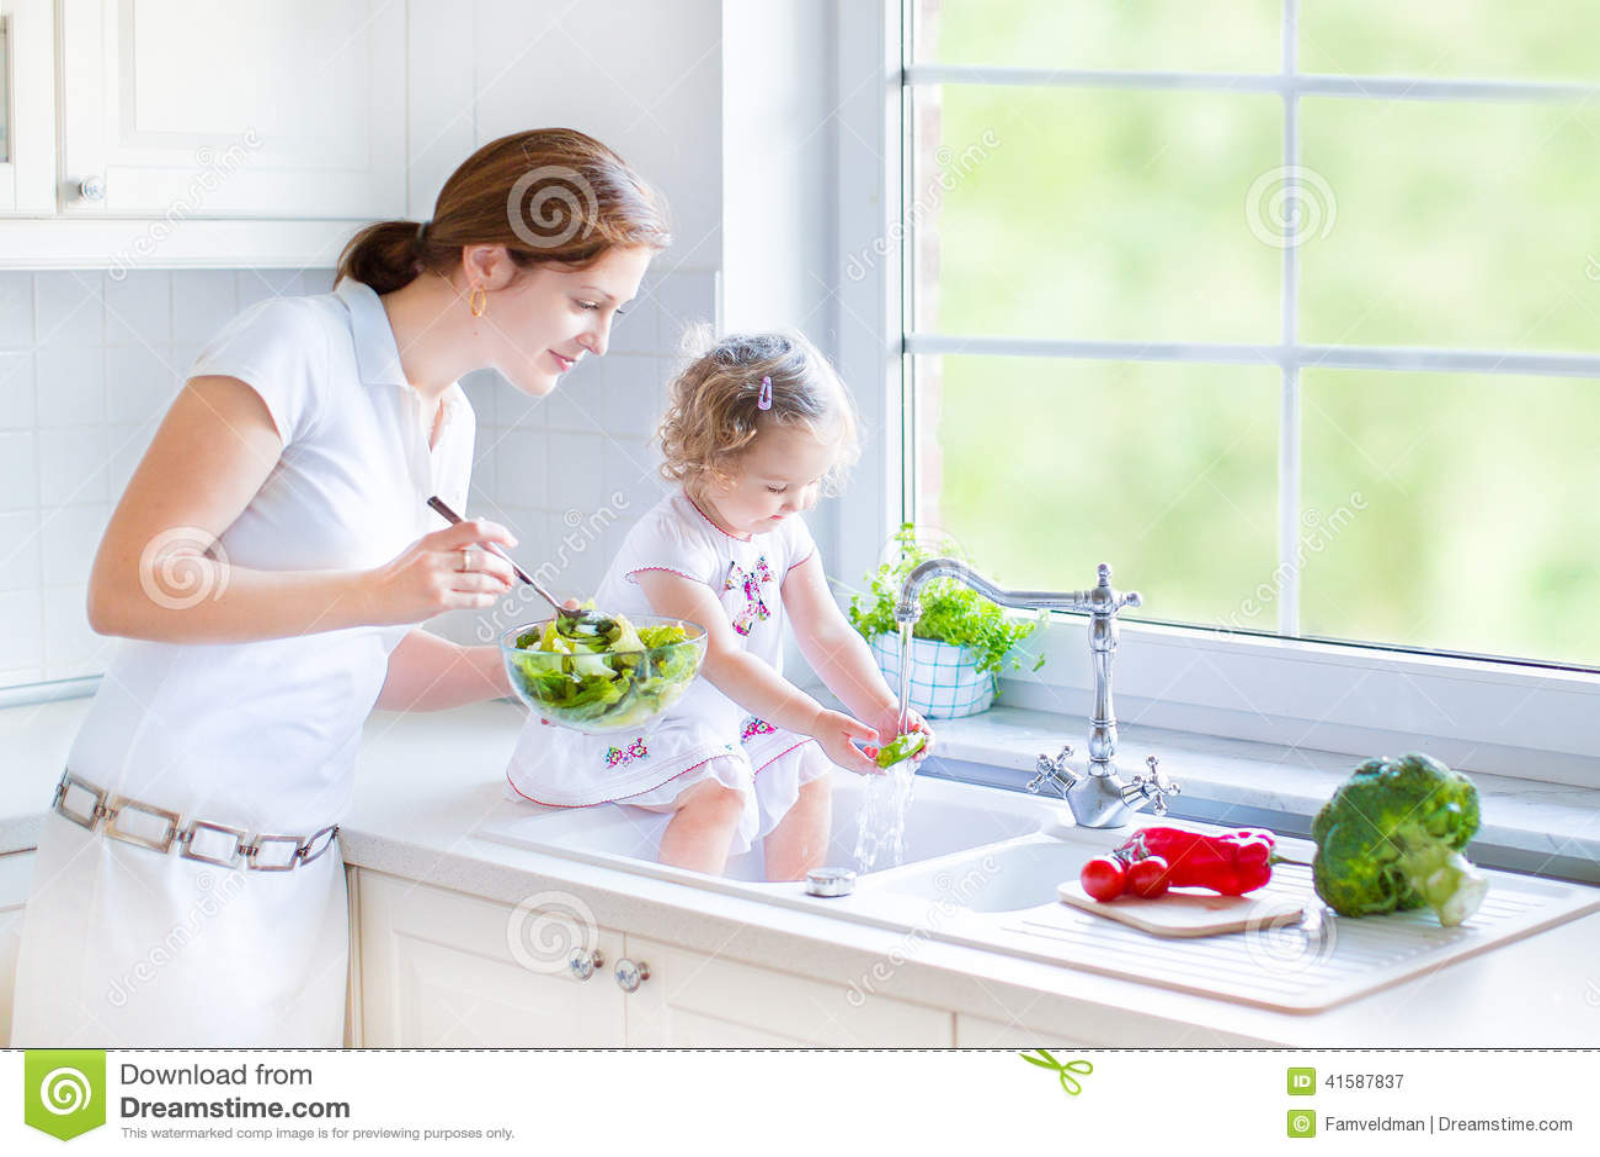 Washing Baby In Kitchen Sink